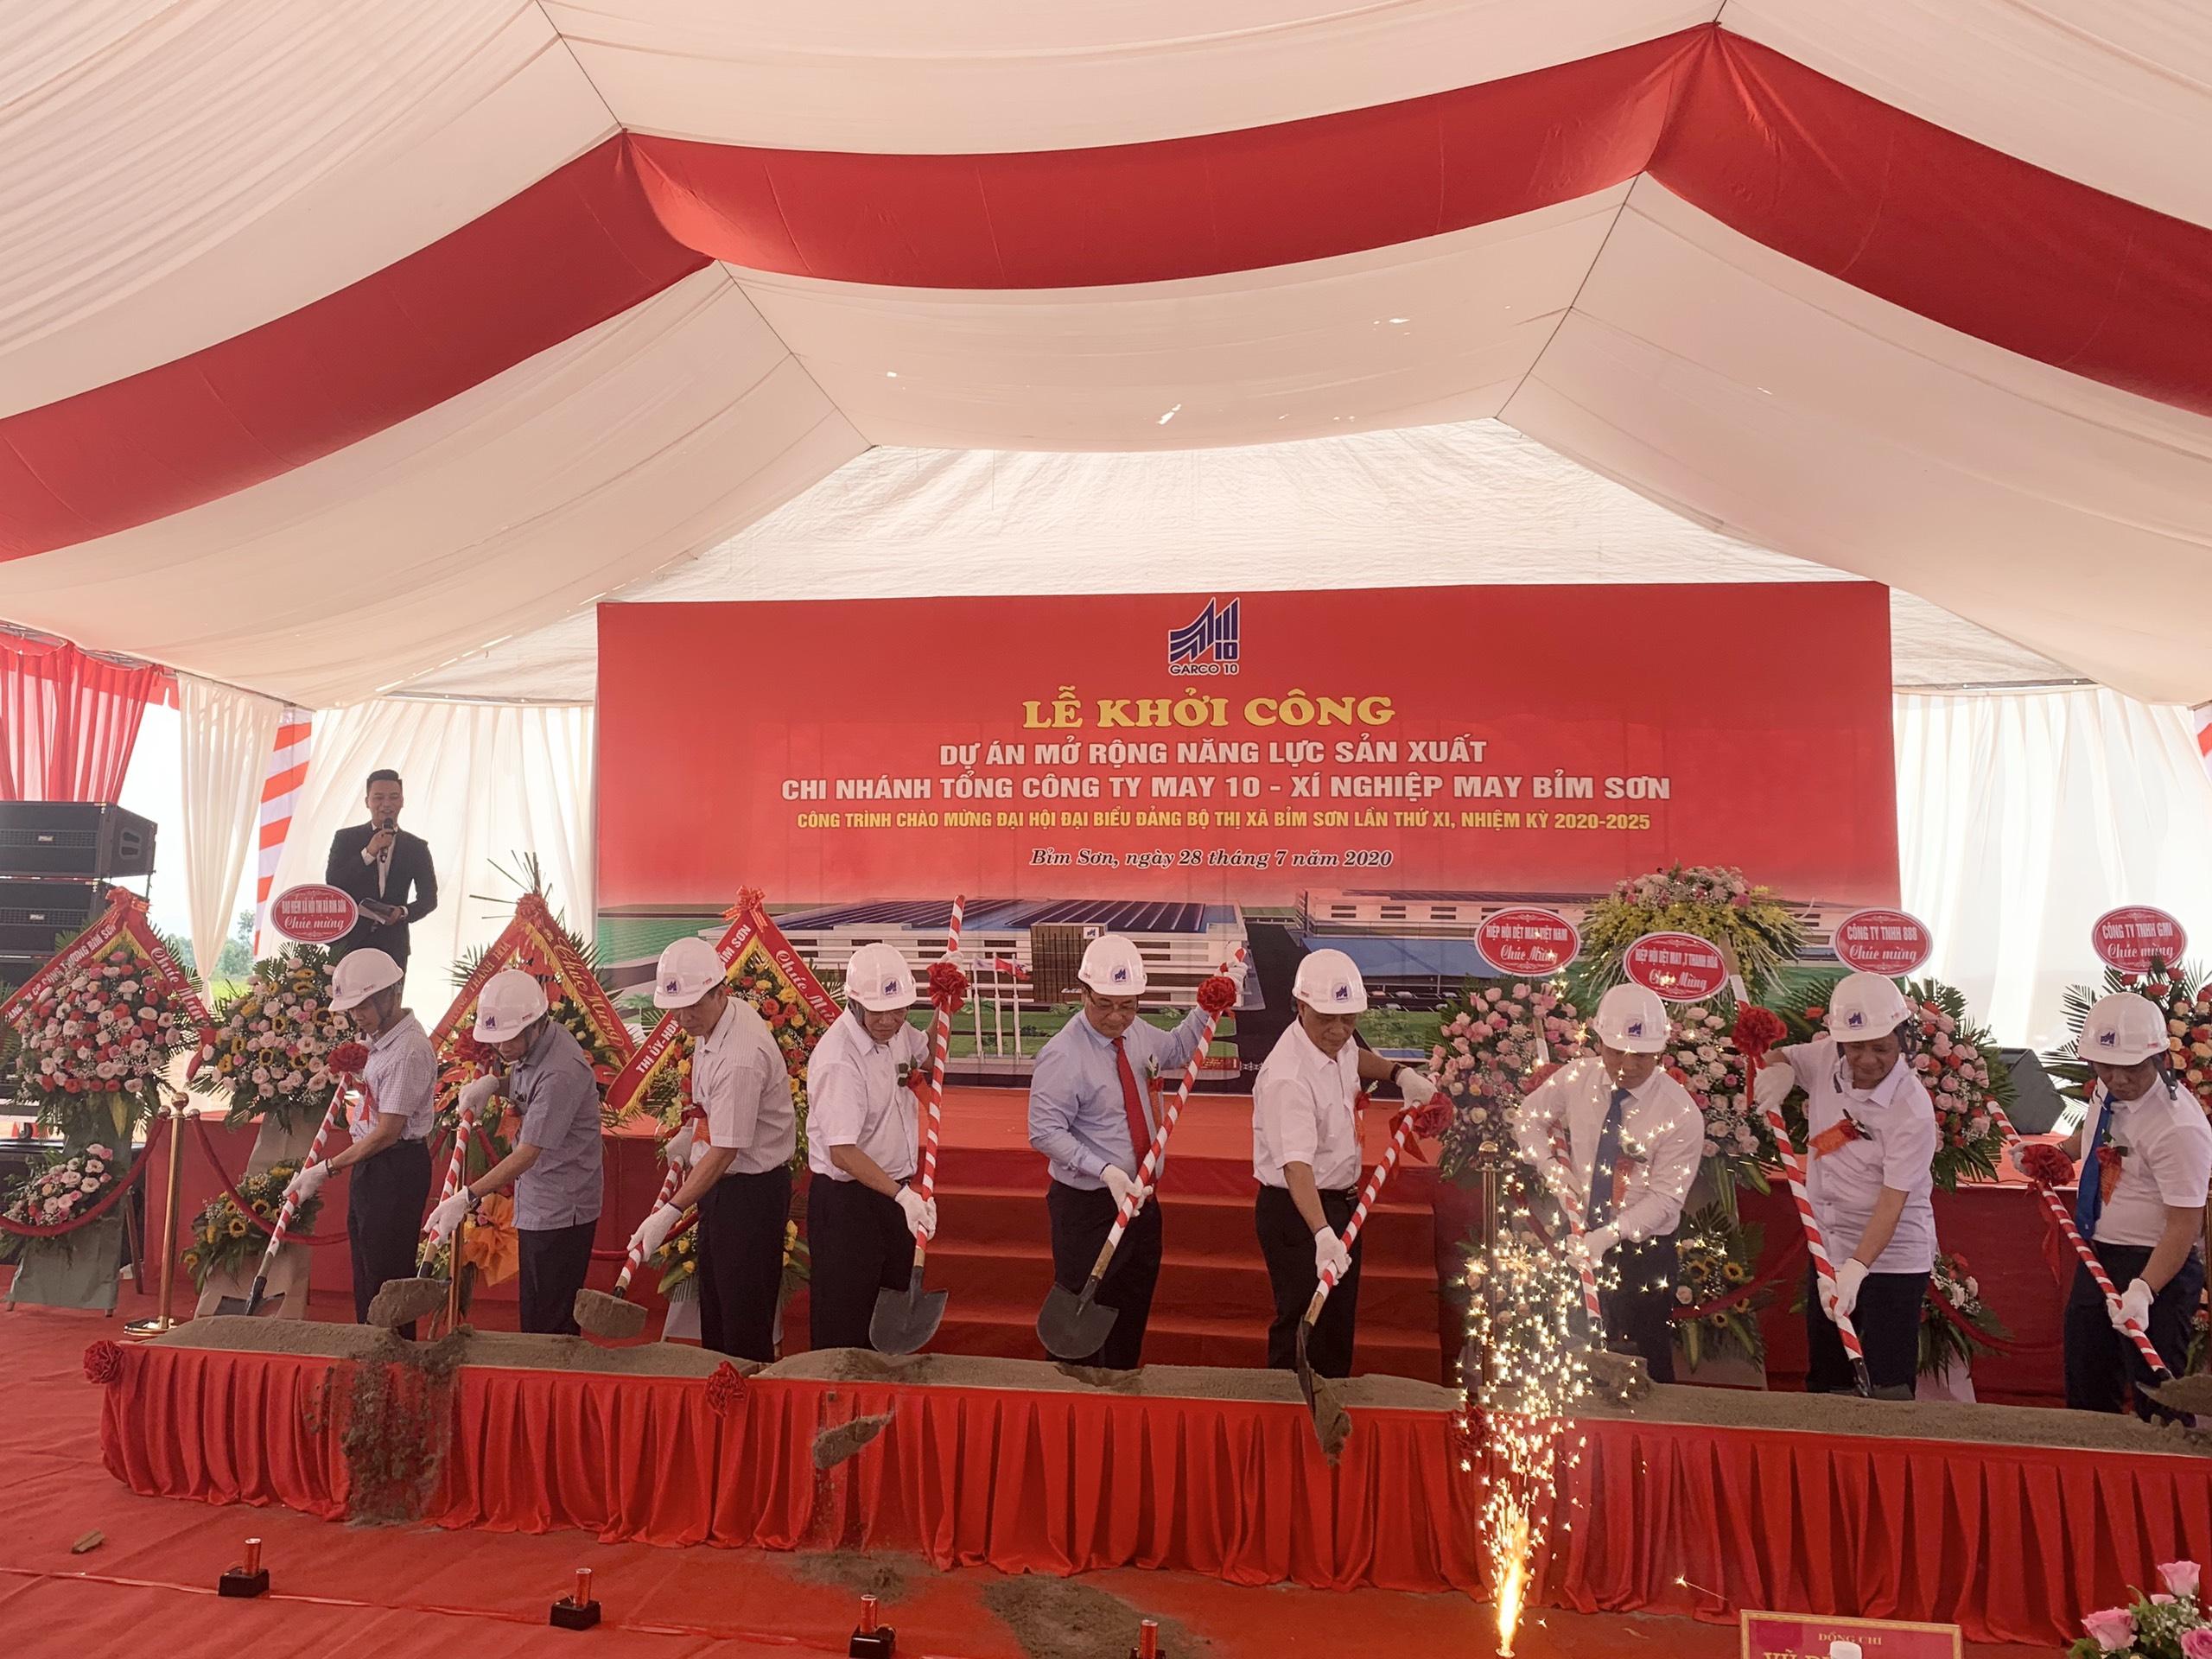 May 10 tiến hành lễ khởi công dự án mở rộng năng lực sản xuất Chi nhánh Tổng công ty May 10 - xí nghiệp may Bỉm Sơn